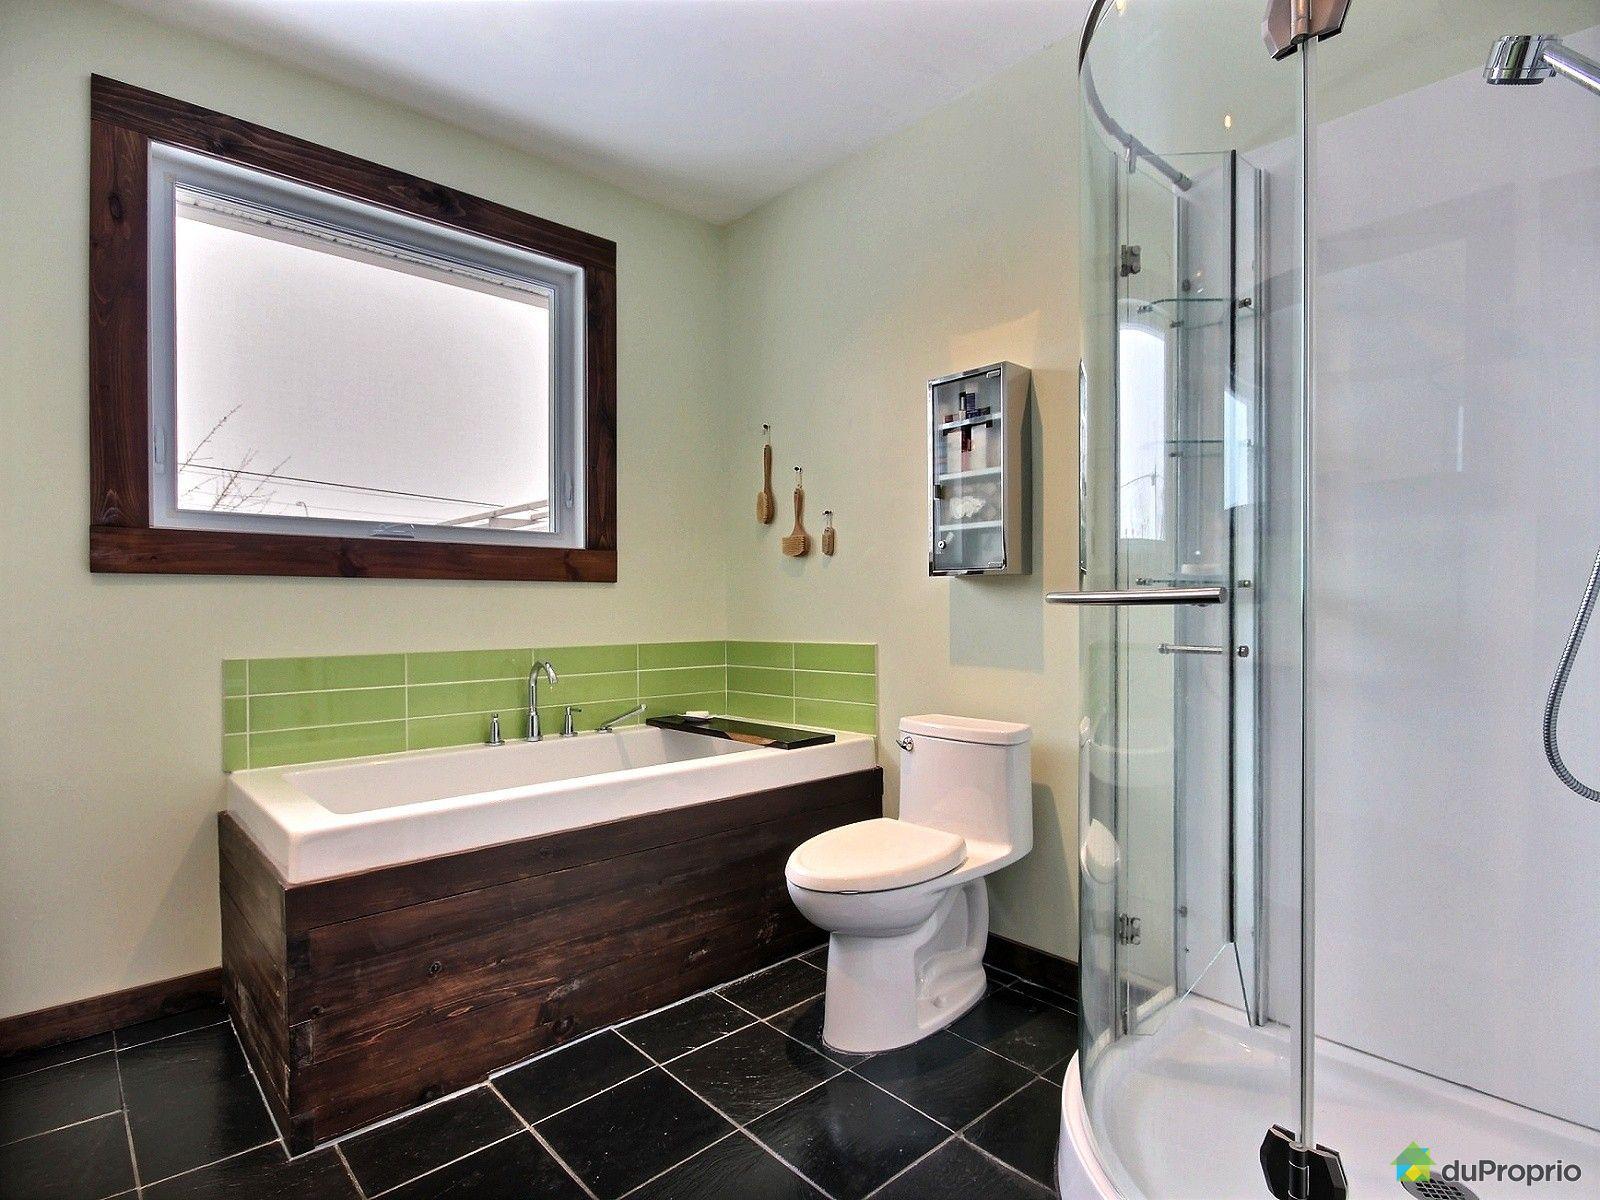 Maison vendu longueuil immobilier qu bec duproprio 575266 for Salle de bain longueuil